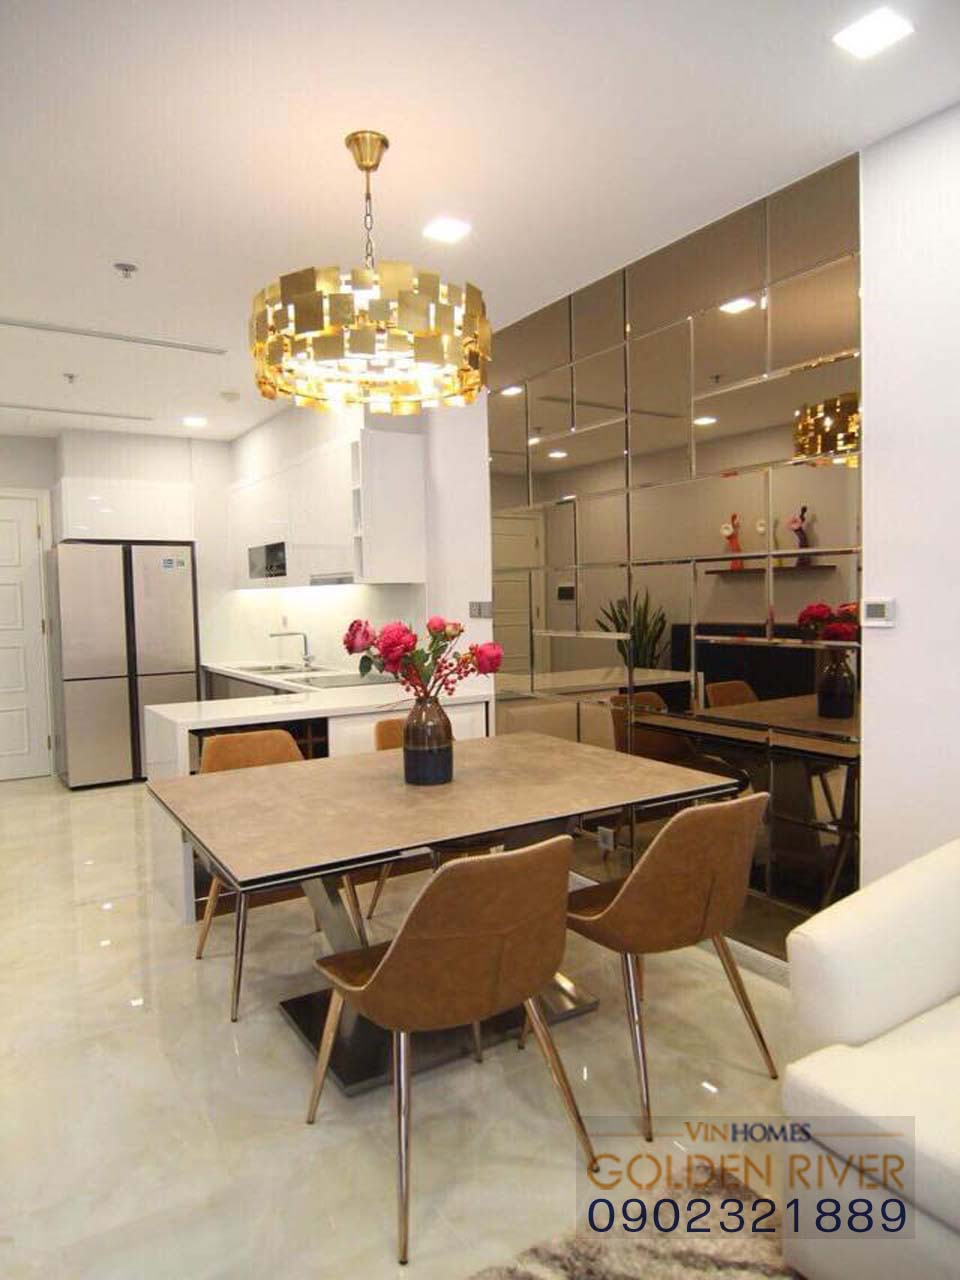 Vinhome Ba Son cho thuê căn hộ 51m2 nội thất cực đẹp - hình 6